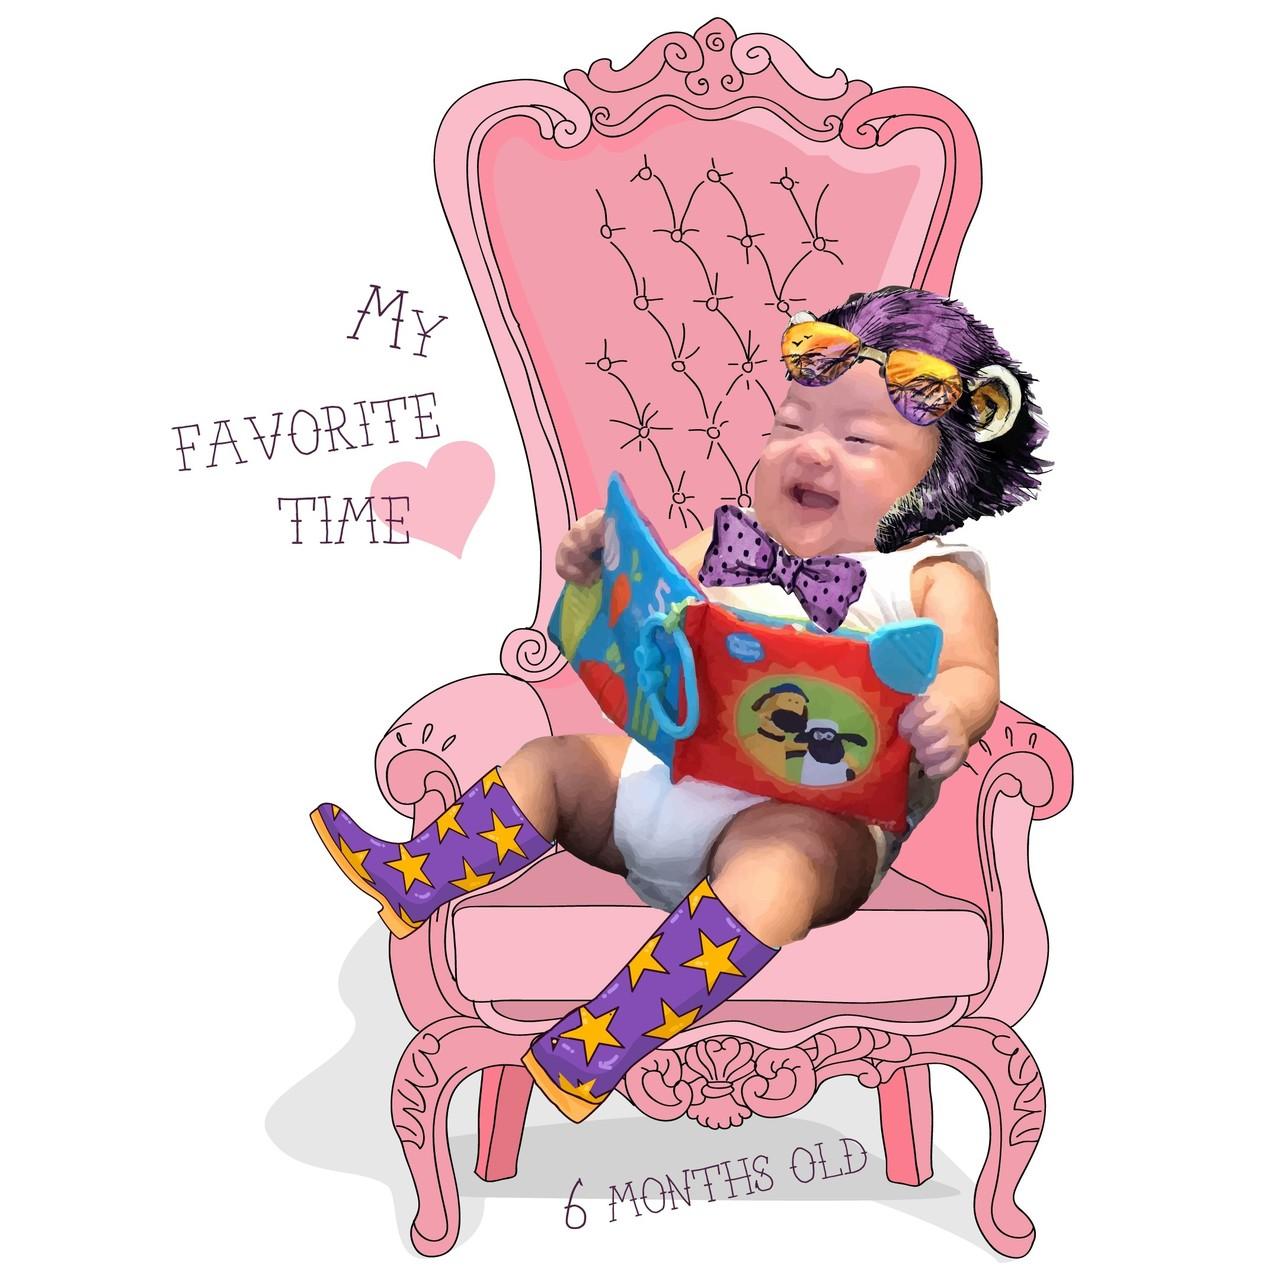 明日で生まれて6ヶ月。ここまで元気に生きてくれていること自体が嬉しい。日増しにやんちゃ坊主。スタンド使えそうです。  #son #baby #instababy #smile #kid #purple #pink #fashion #ootd #illustration #art #photo #graphic #jojo #赤ちゃん #笑顔 #紫 #ピンク #子供 #息子 #新生児 #0歳 #子育て #コーデ #ファッション #イラスト #アート #写真 #グラフィック #ジョジョの奇妙な冒険